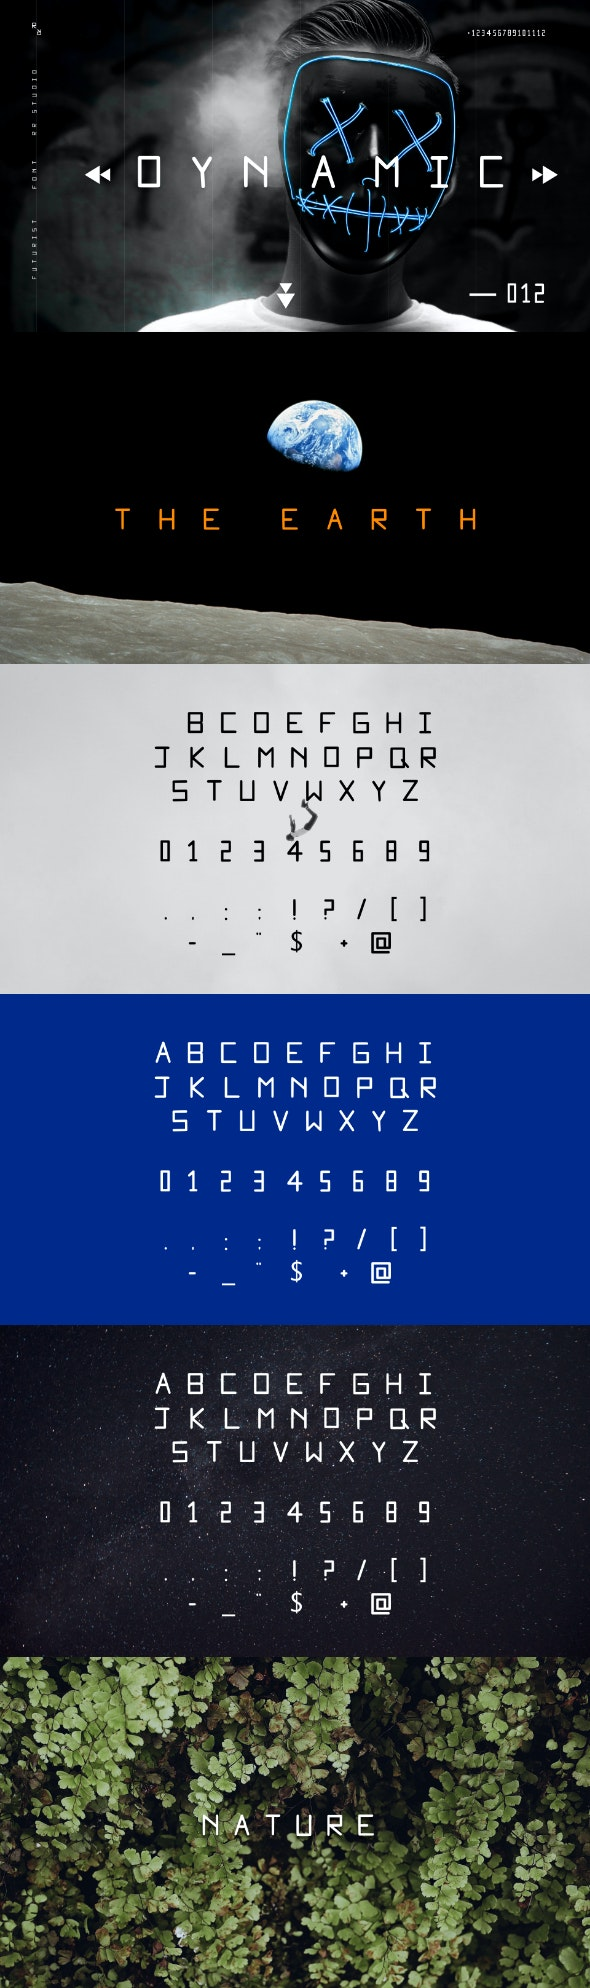 Dynamic Font - Monospaced Sans-Serif